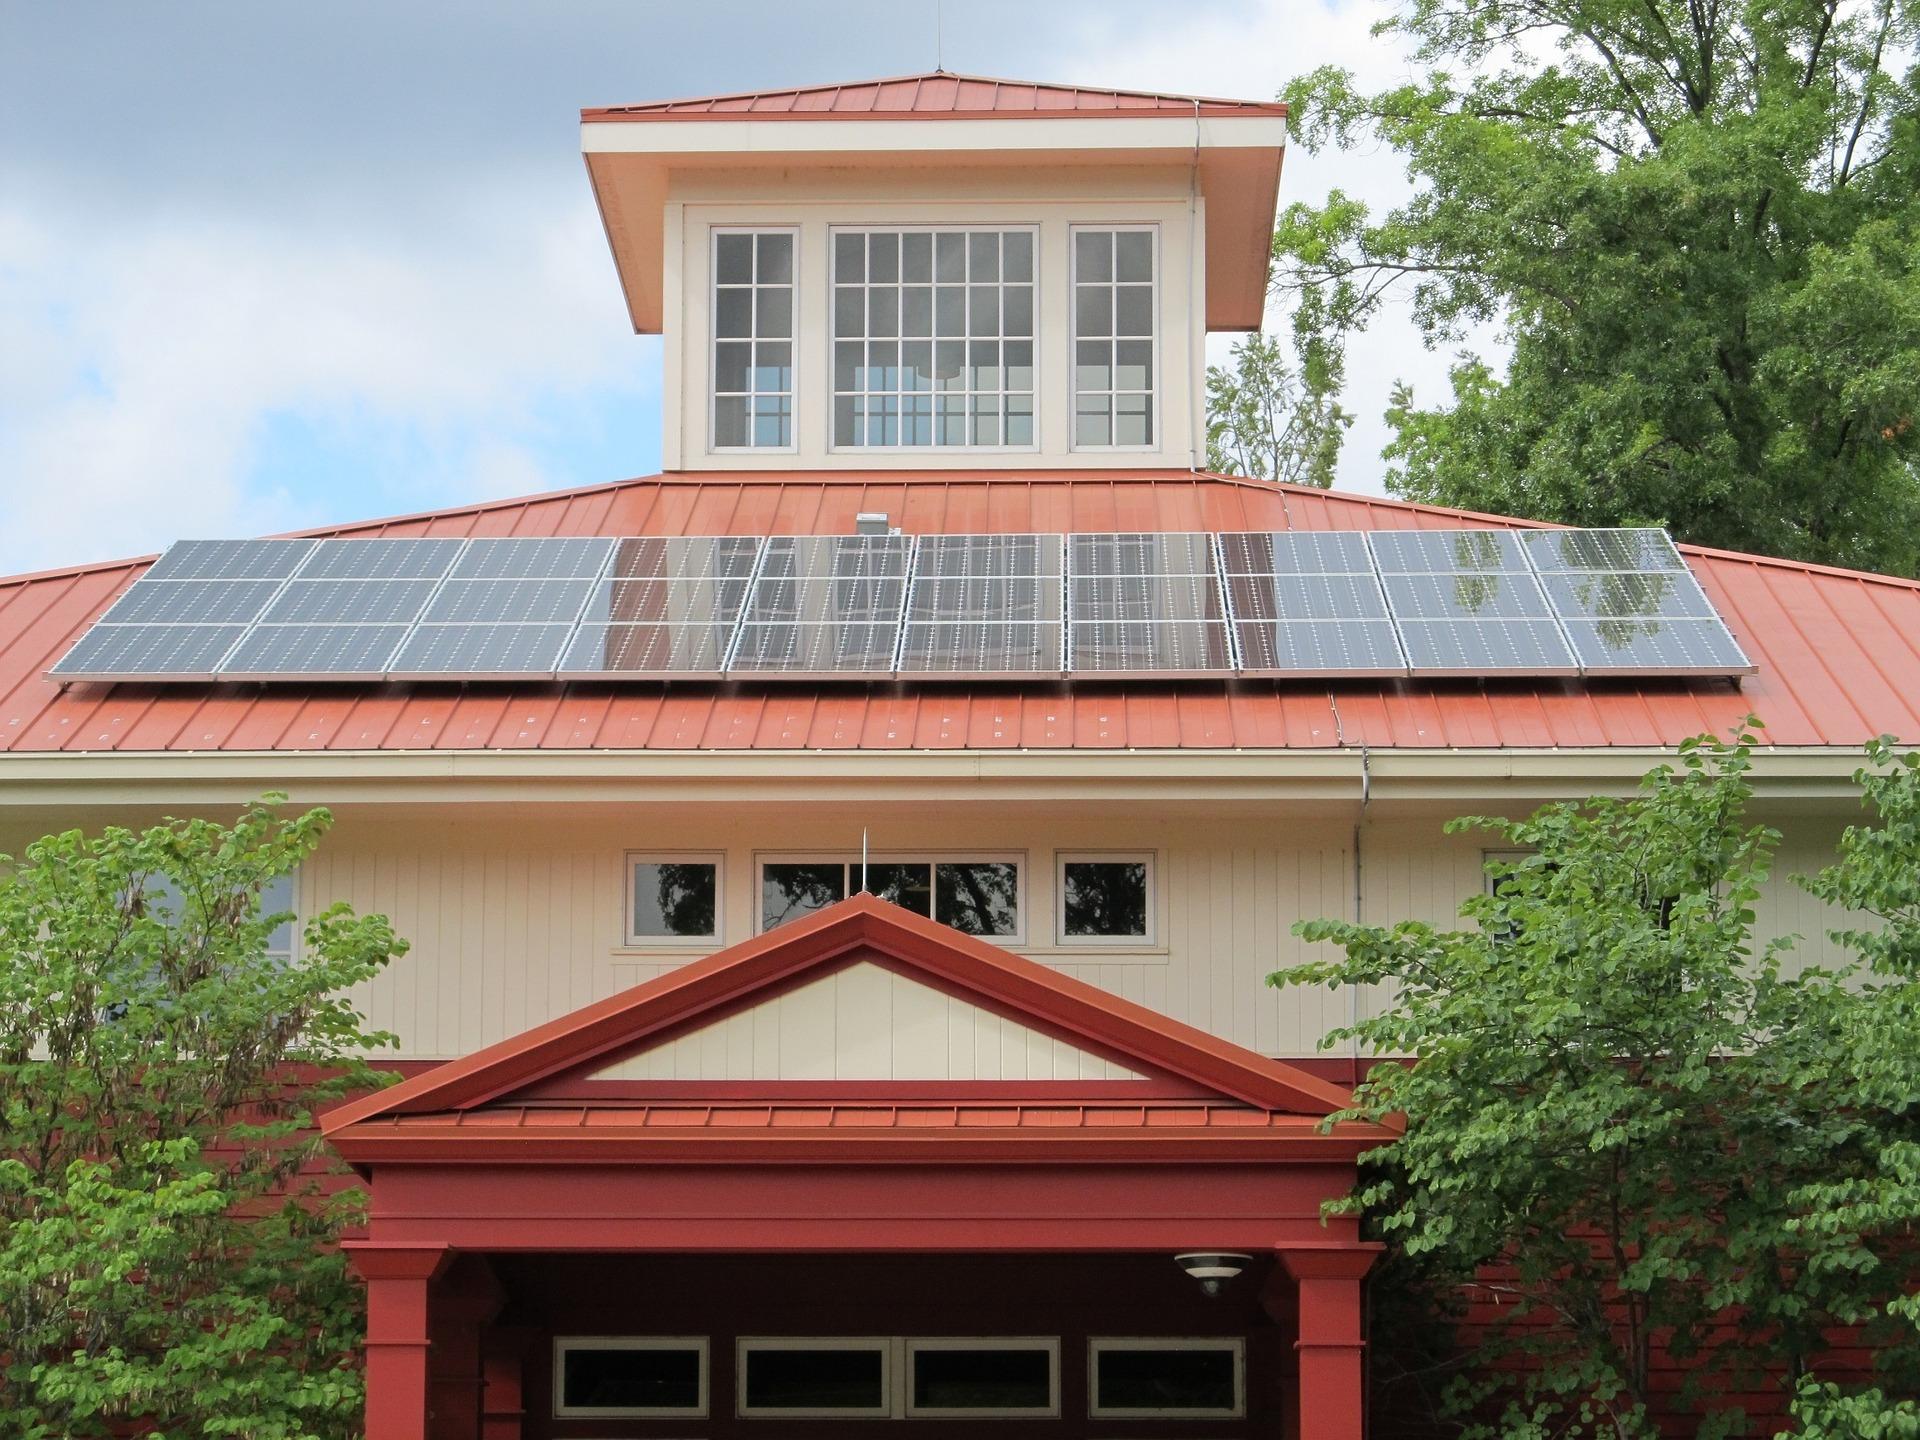 06 dicas sobre como escolher um sistema fotovoltaico